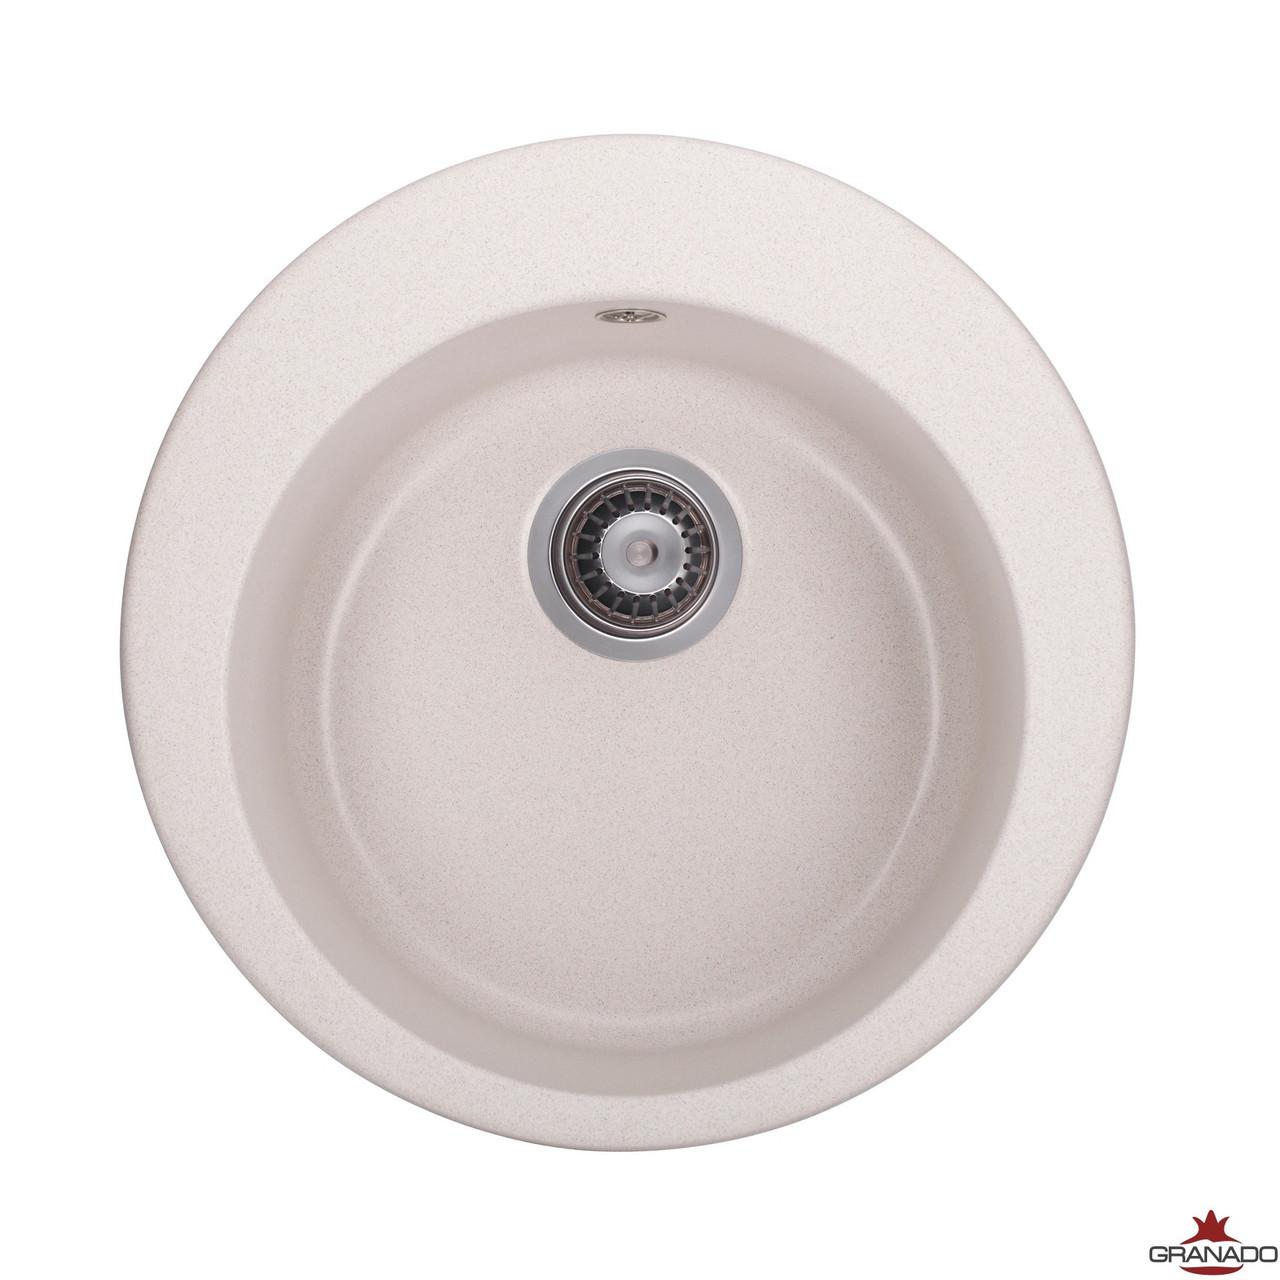 Мойка Vitoria цвет - Terra из гранита круглой формы в кухню от производителя Granado